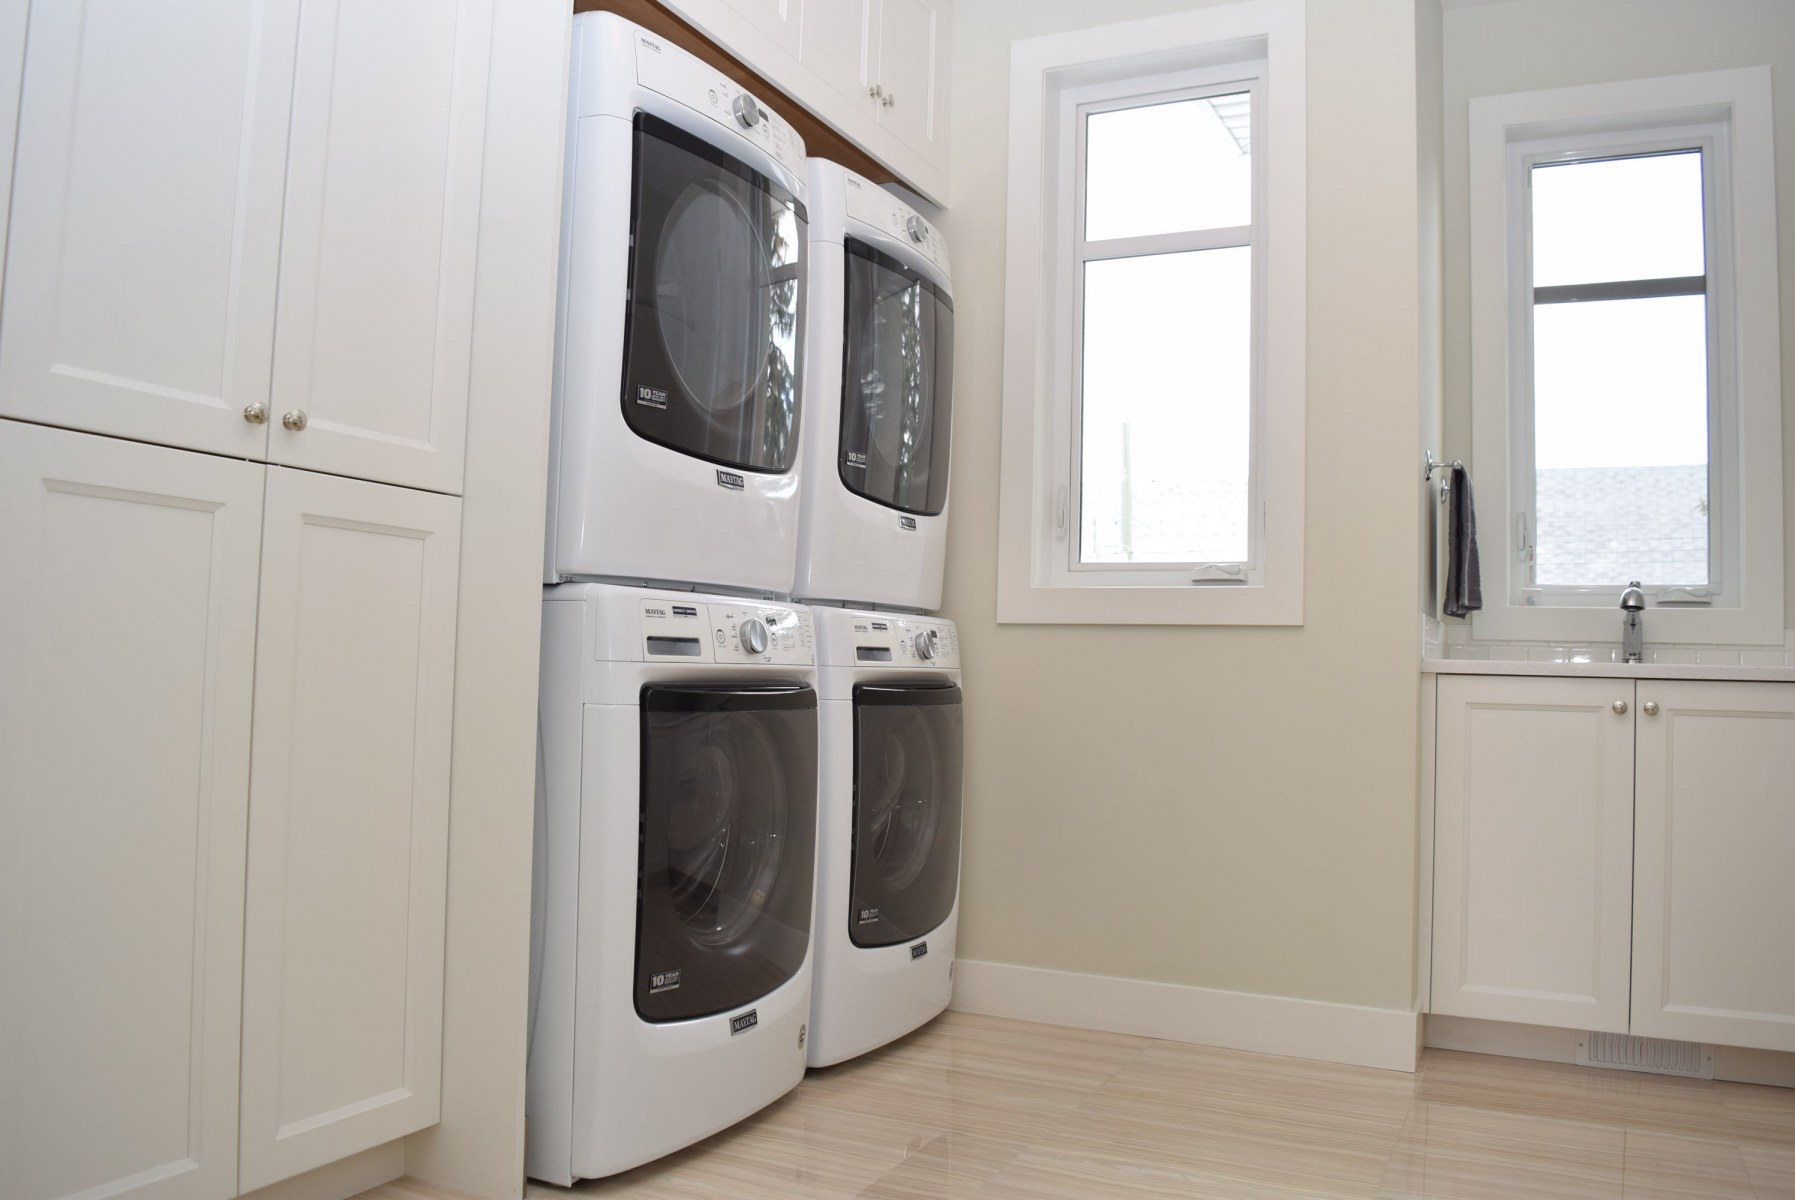 bi-laundry-DSC_1186